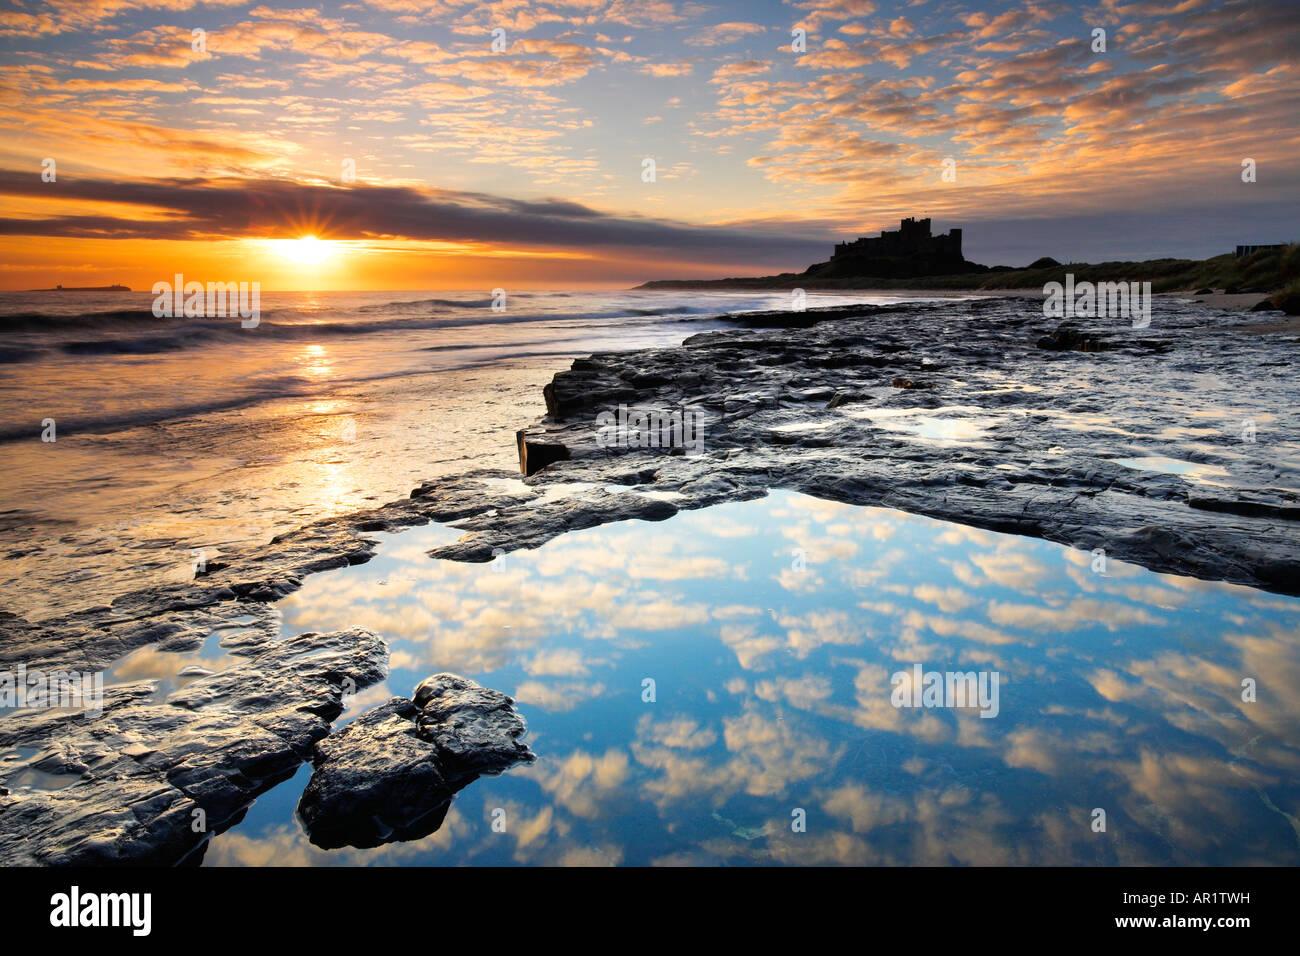 Spektakulären Sonnenaufgang an der Küste in der Nähe von Bamburgh Castle in Northumberland Stockbild